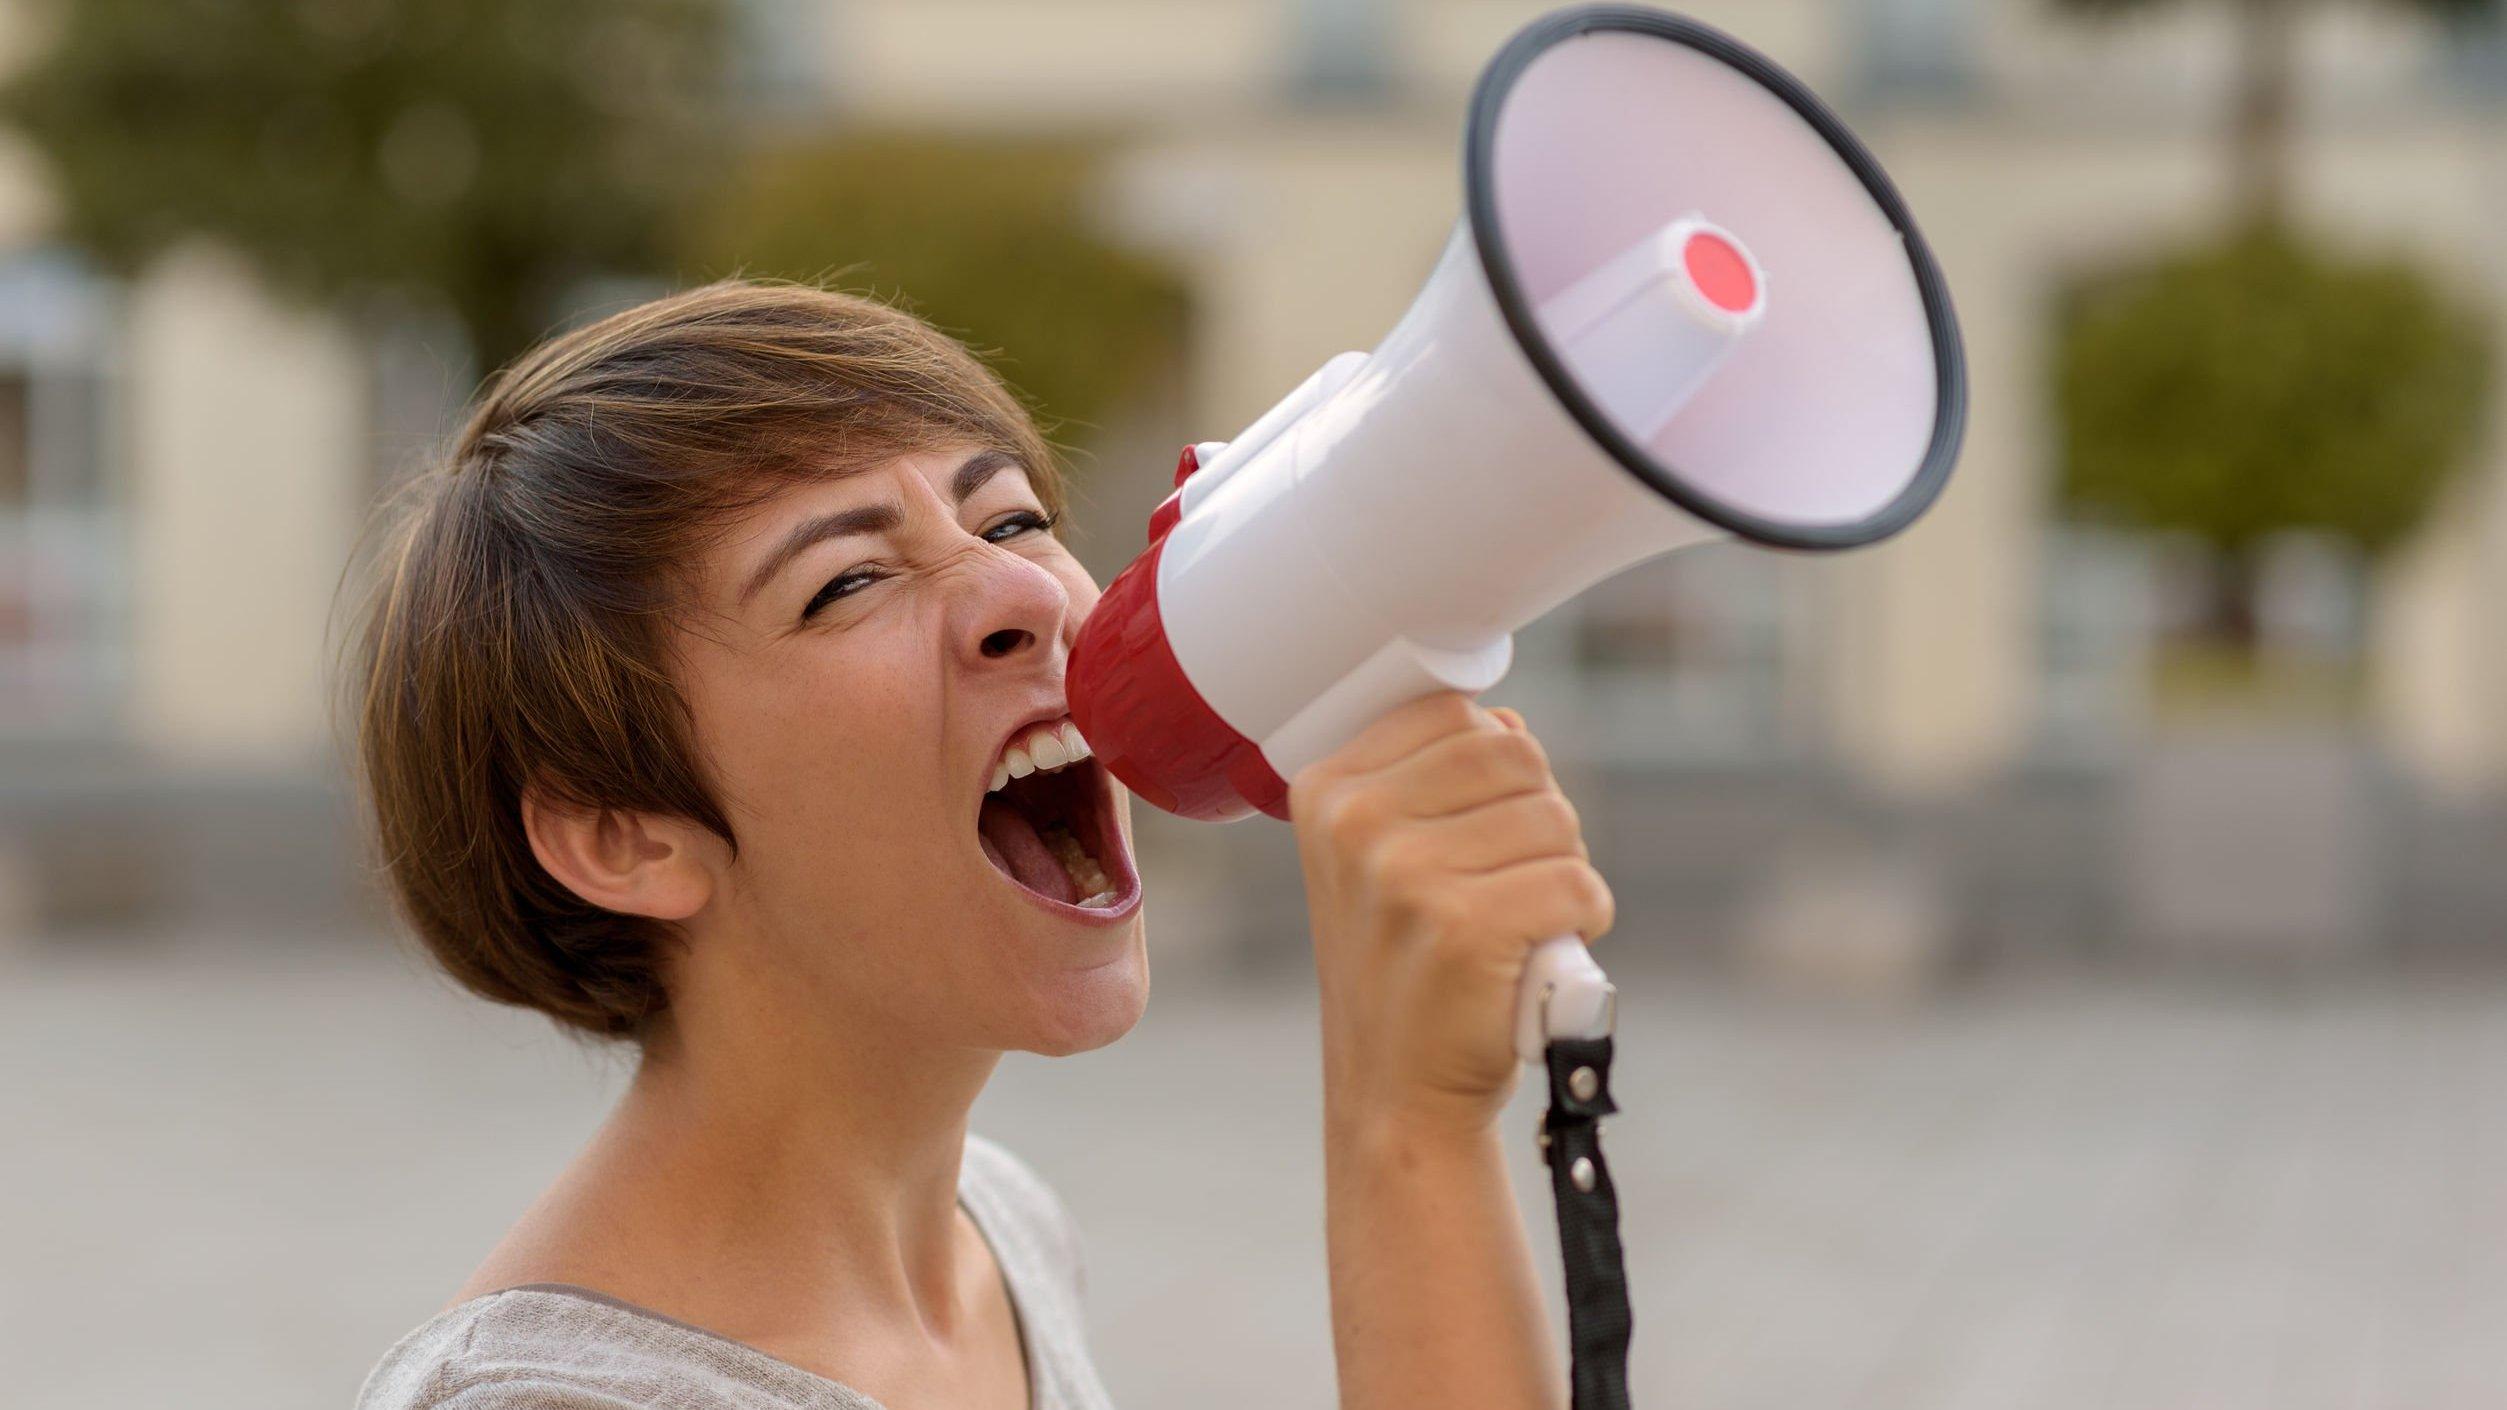 Mulher com megafone gritando em uma rua